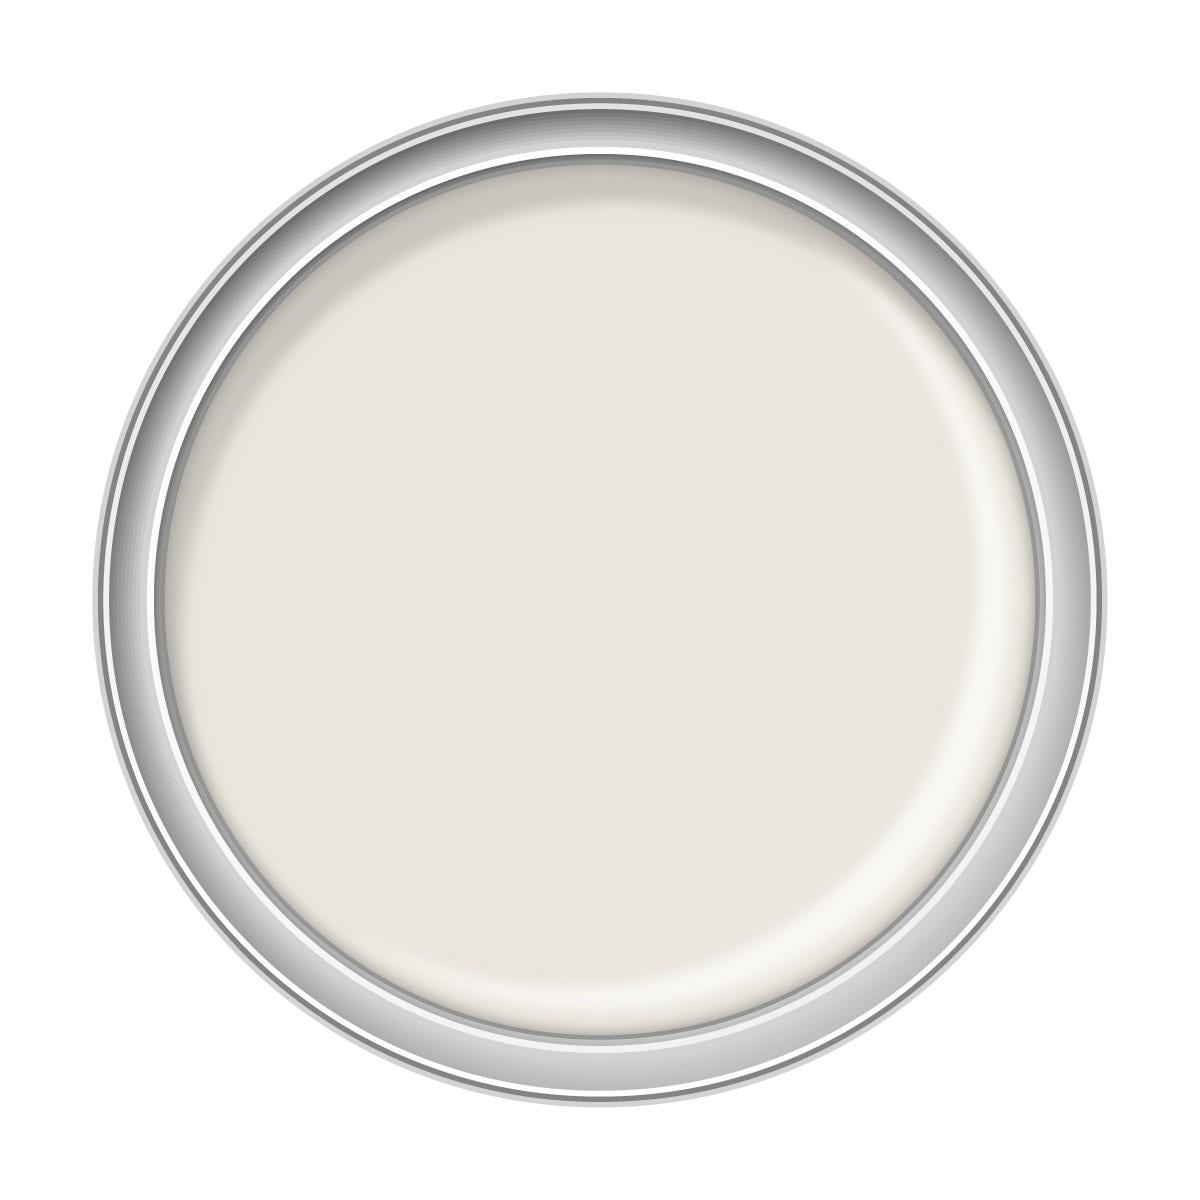 cream circle